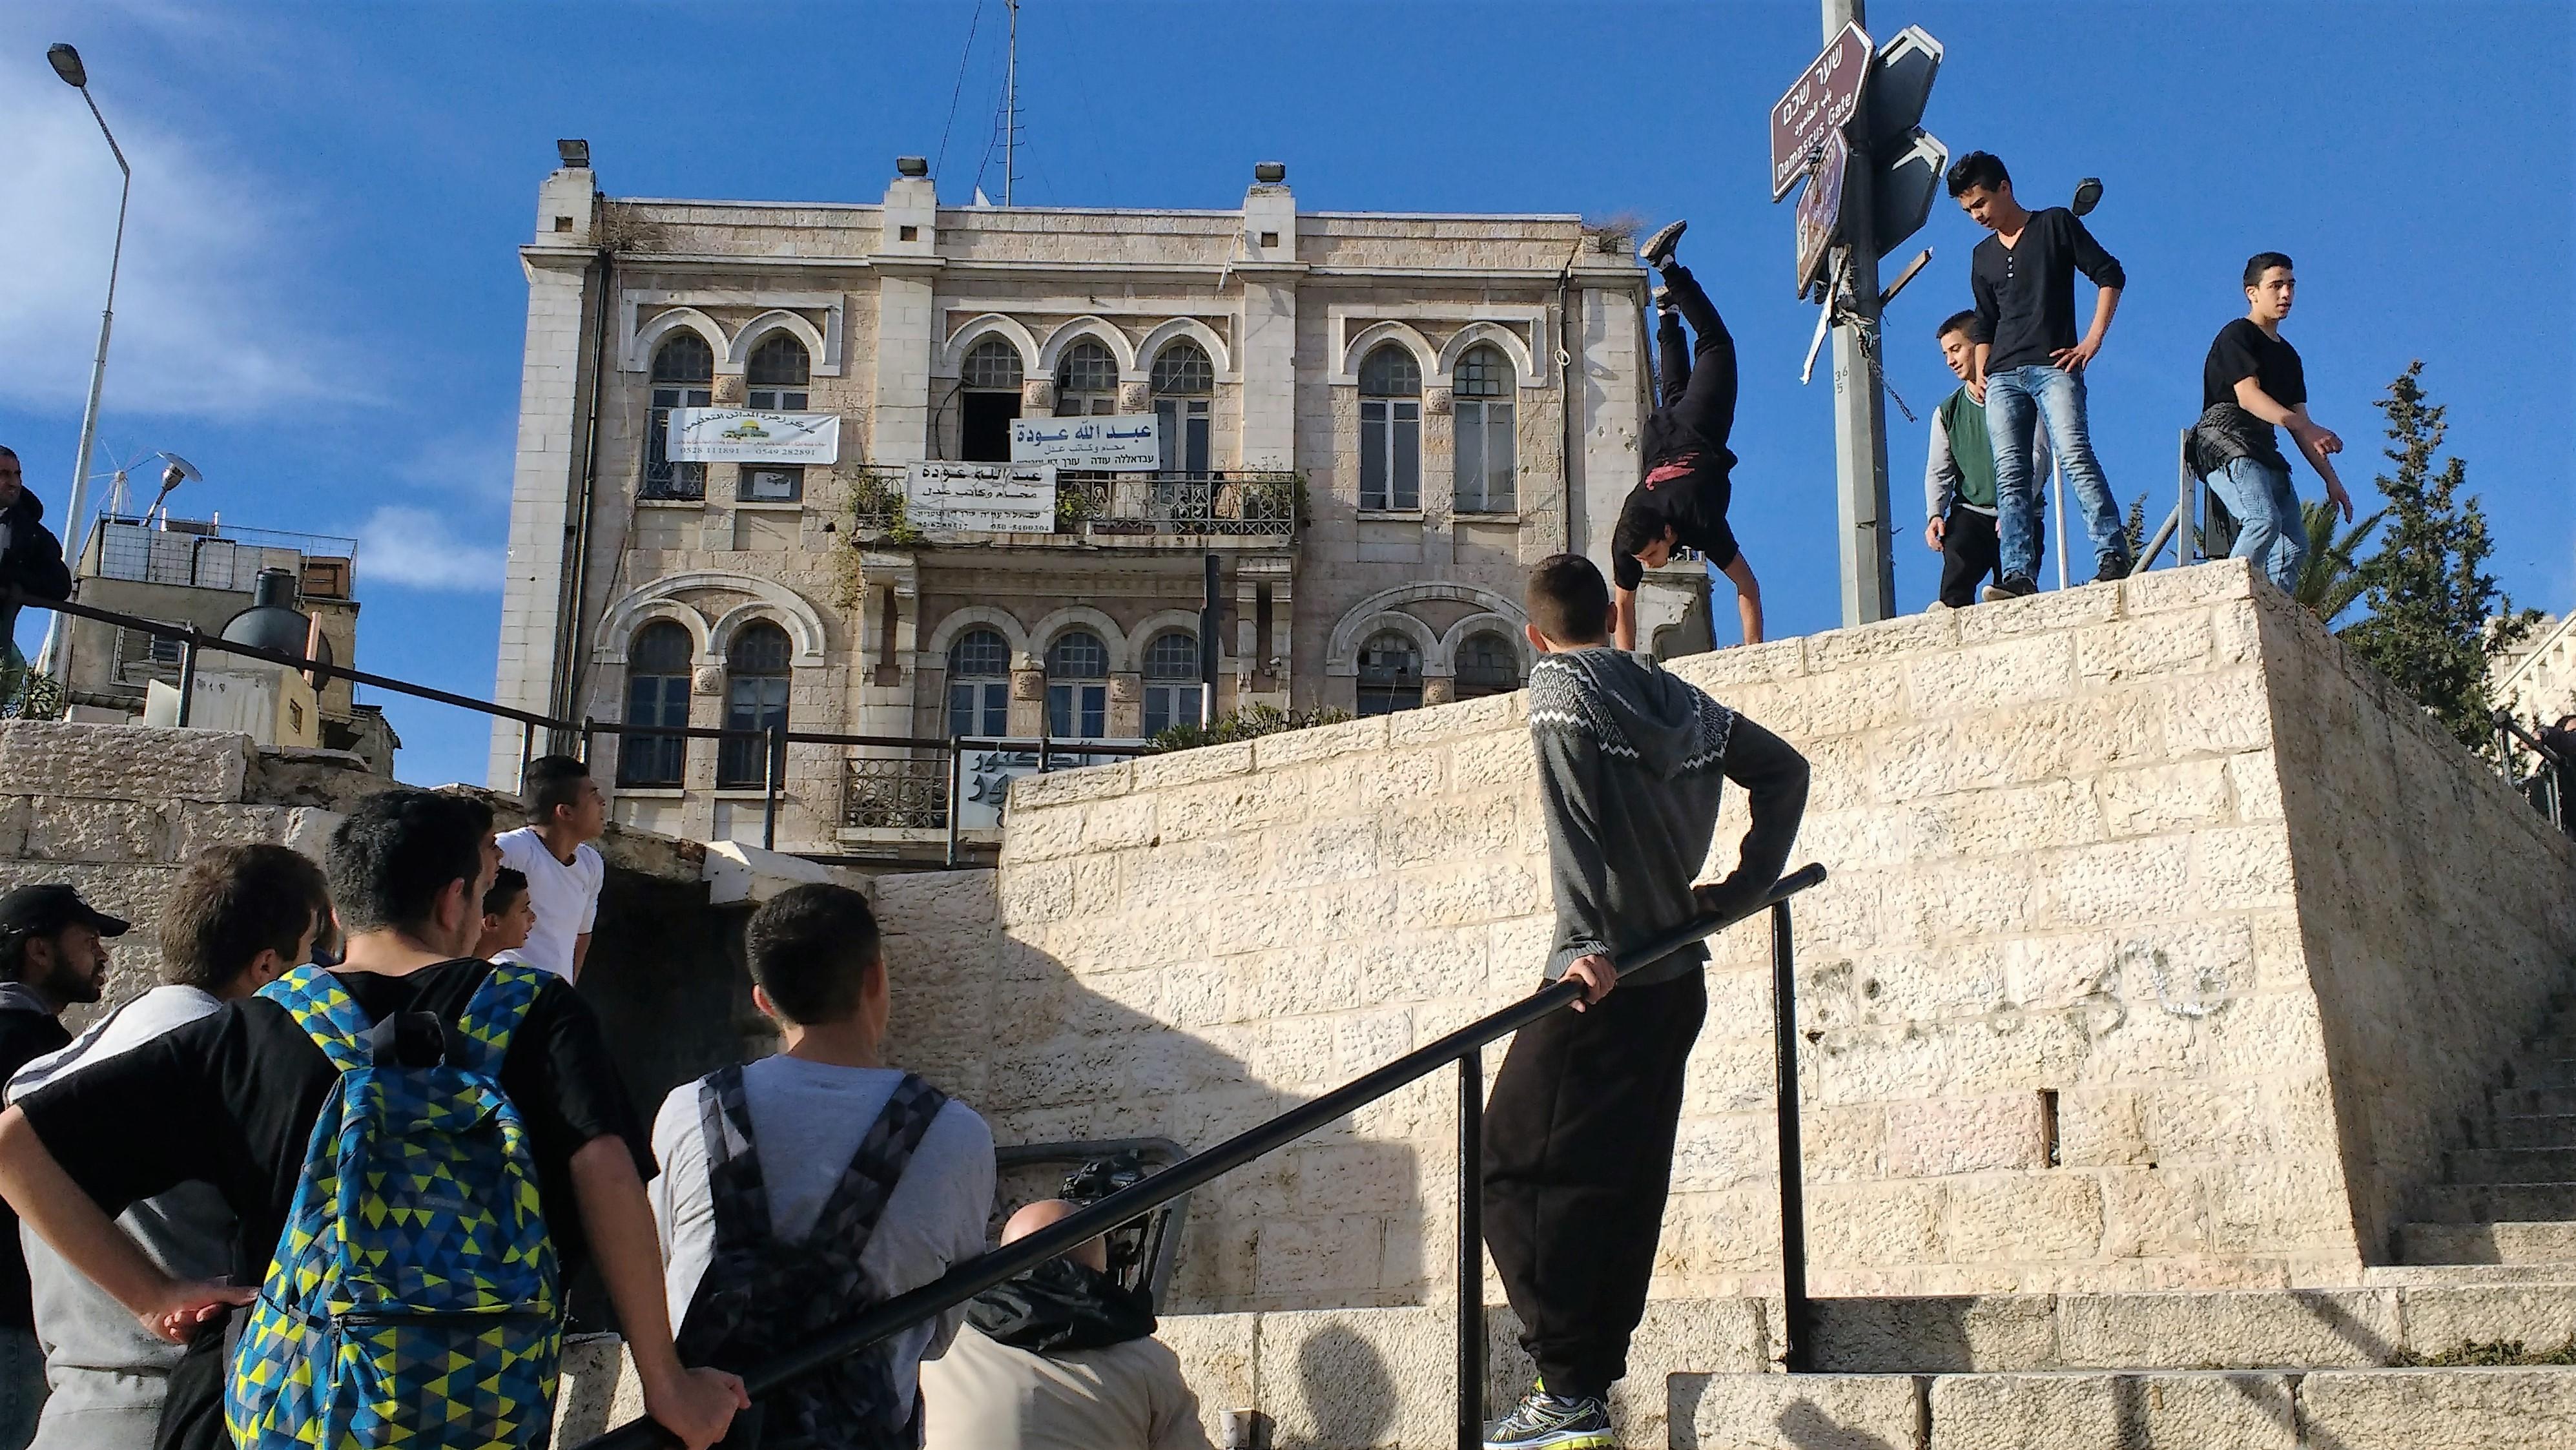 Niños palestinos, resistiendo la ocupación a través de Parkour fuera de la puerta de Damasco en Jerusalén, lugar fuertemente vigilado por ejército israelí, y en donde muchos palestinos han perdido la vida en confrontaciones